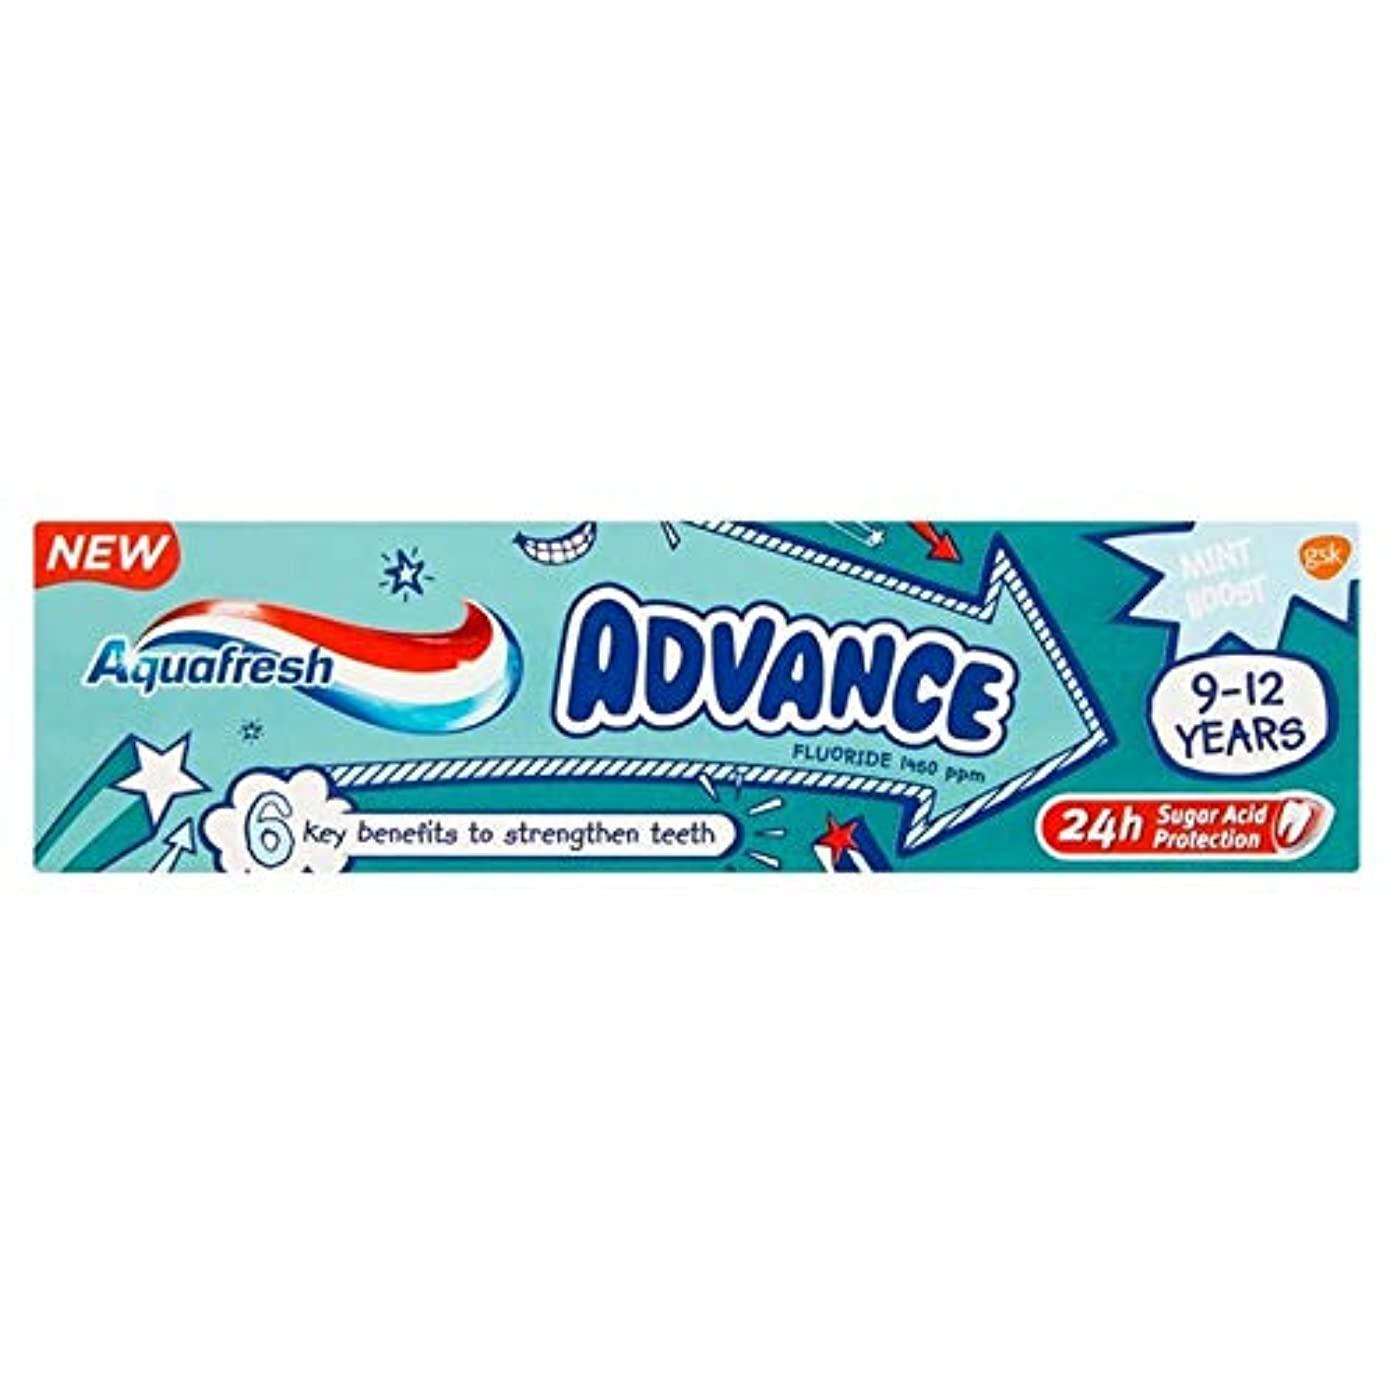 説教する服を着るウルル[Aquafresh ] アクアフレッシュの事前9-12年間の子供の歯磨き粉75ミリリットル - Aquafresh Advance 9-12 Years Kids Toothpaste 75ml [並行輸入品]